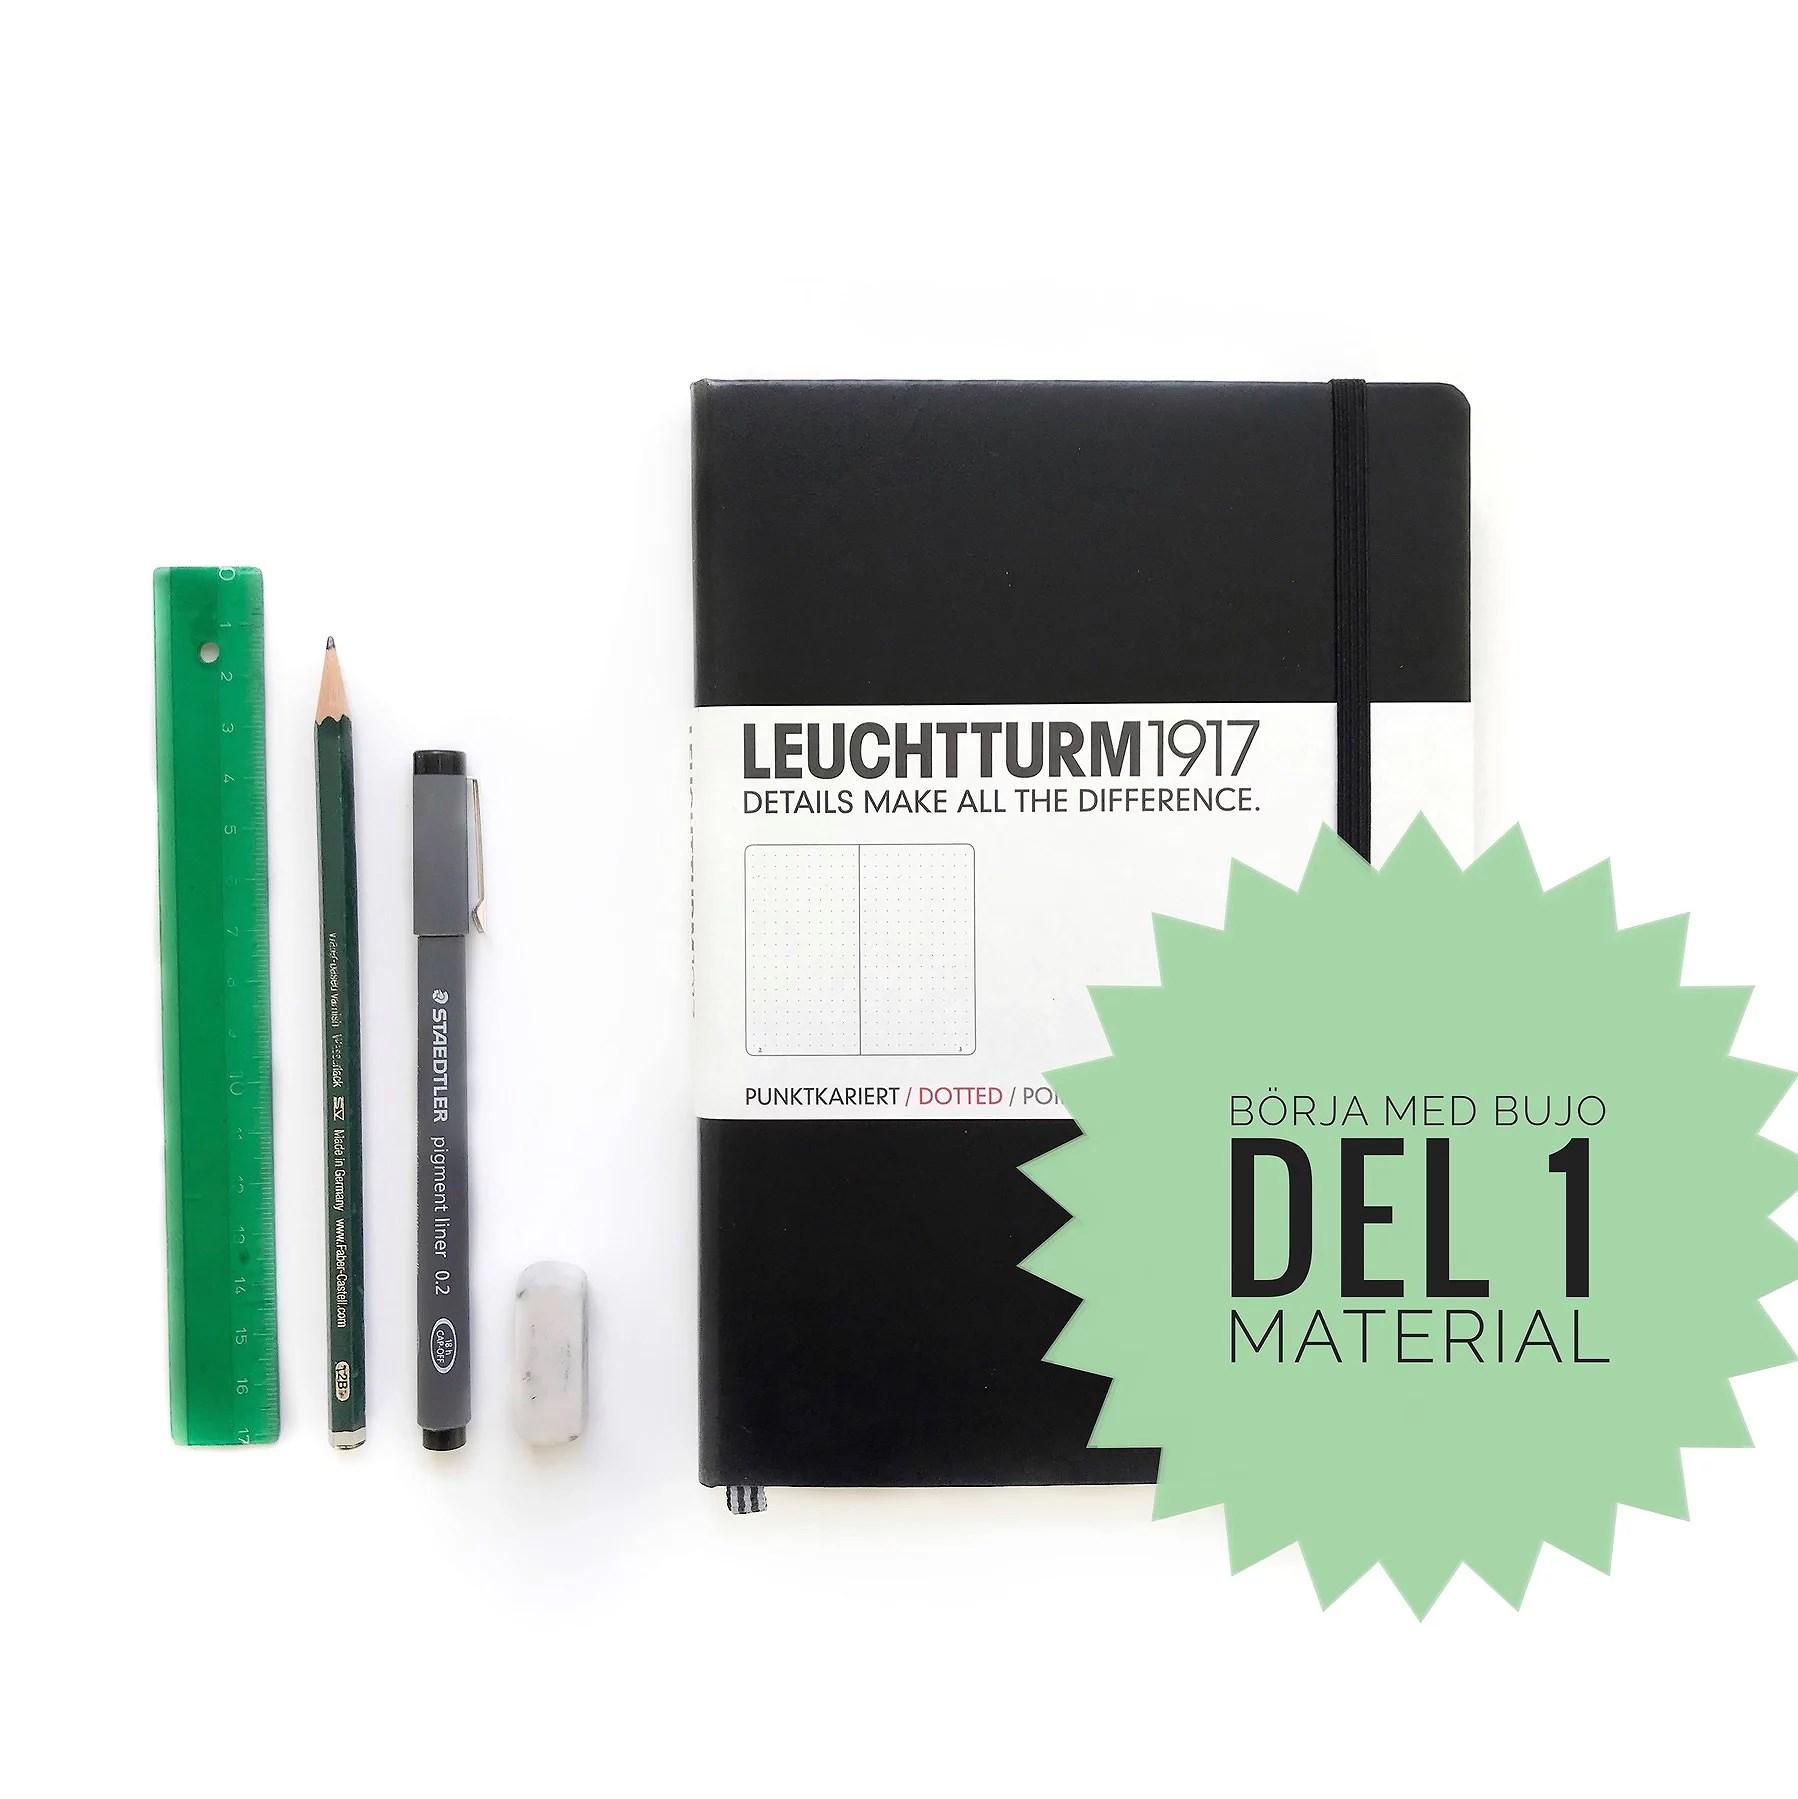 Börja med Bullet Journal, del 1 - Vad behöver du för material?